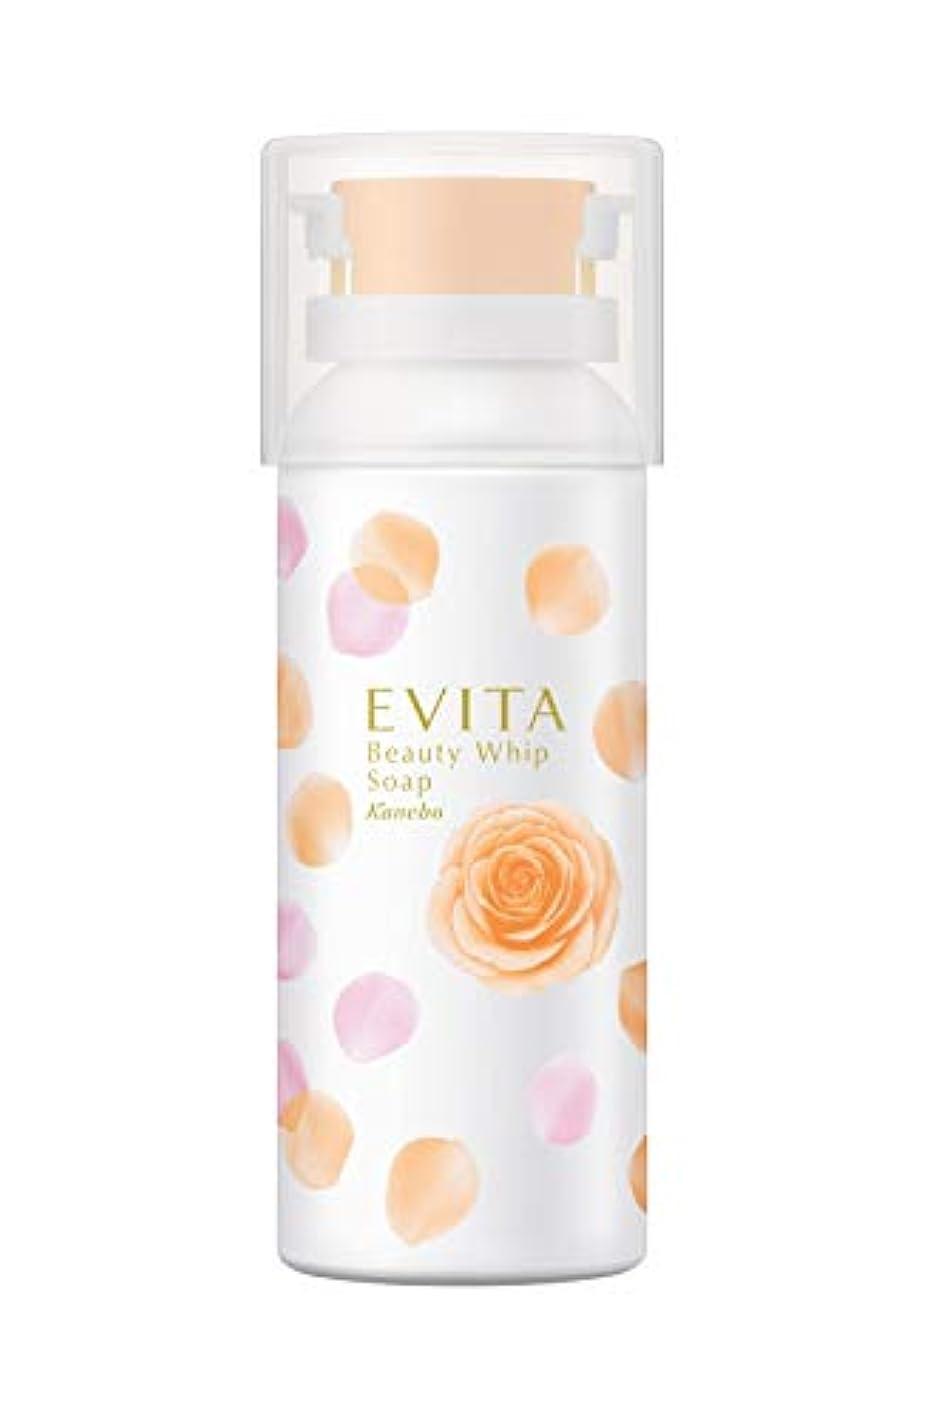 助けて続ける哲学的エビータ ビューティホイップソープ(ローズ&オレンジティーの香り) 洗顔料